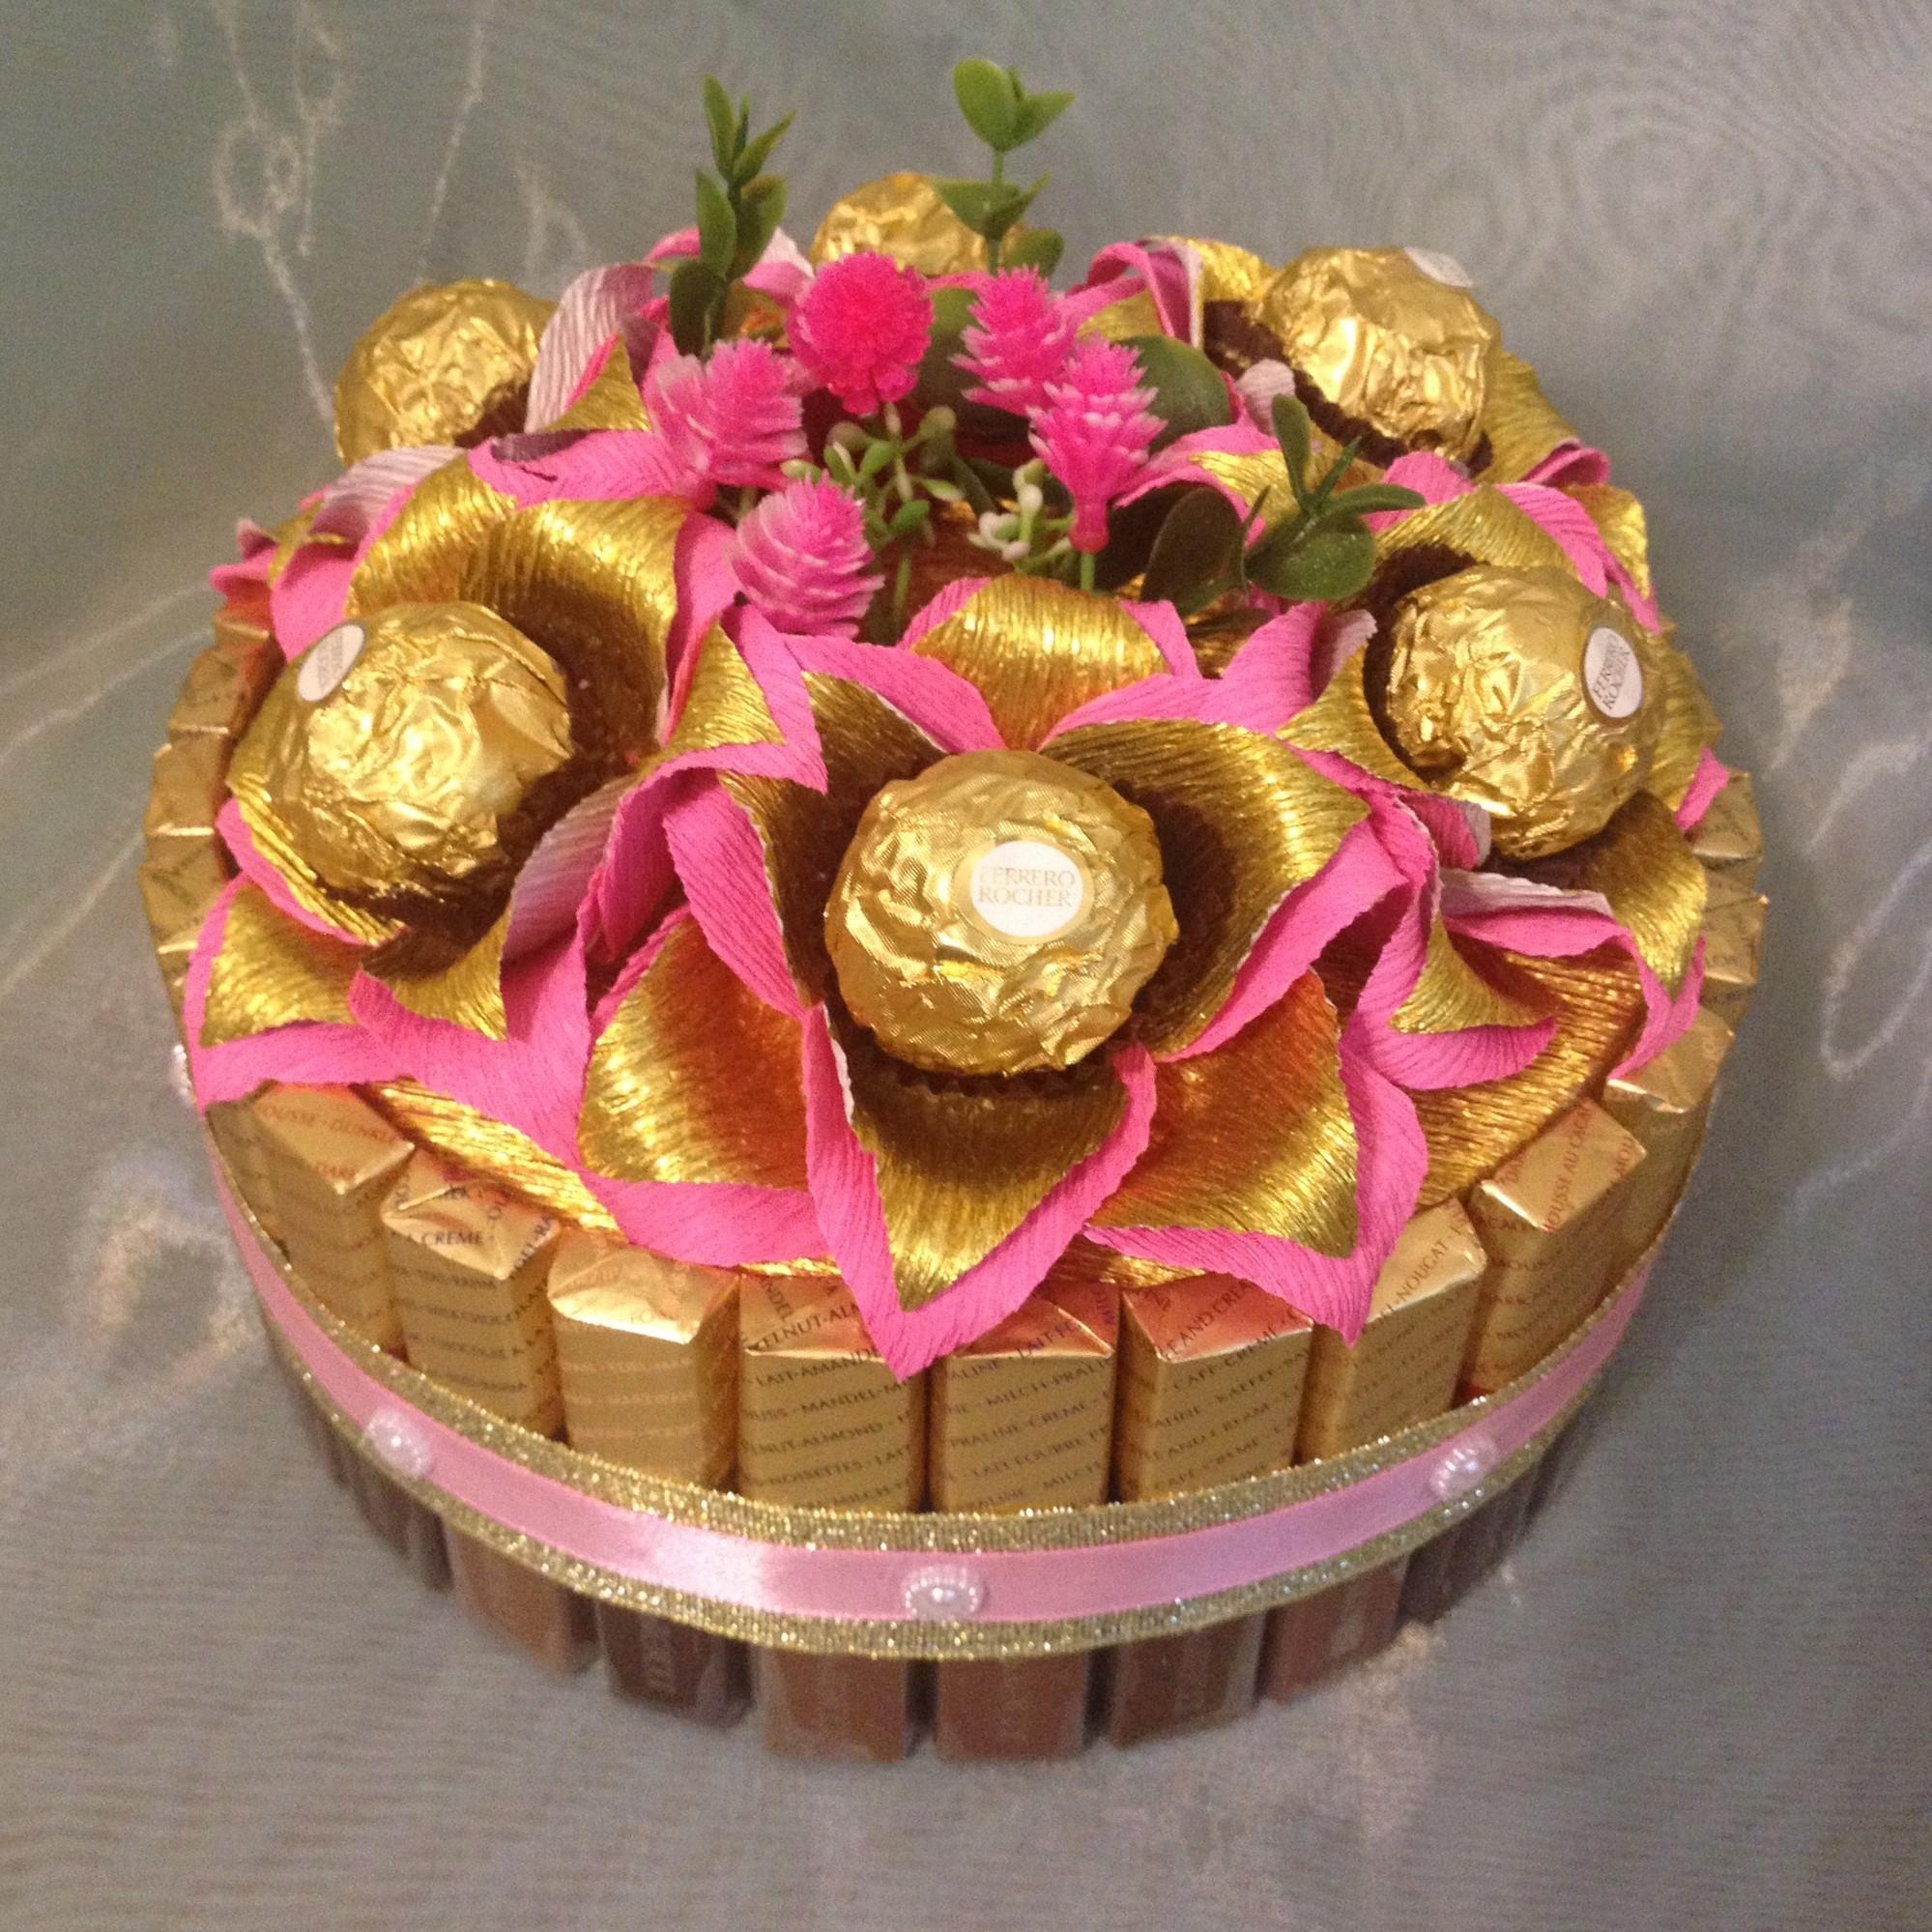 Как сделать оригинальный торт из конфет и сока? Как сделать торт из 39